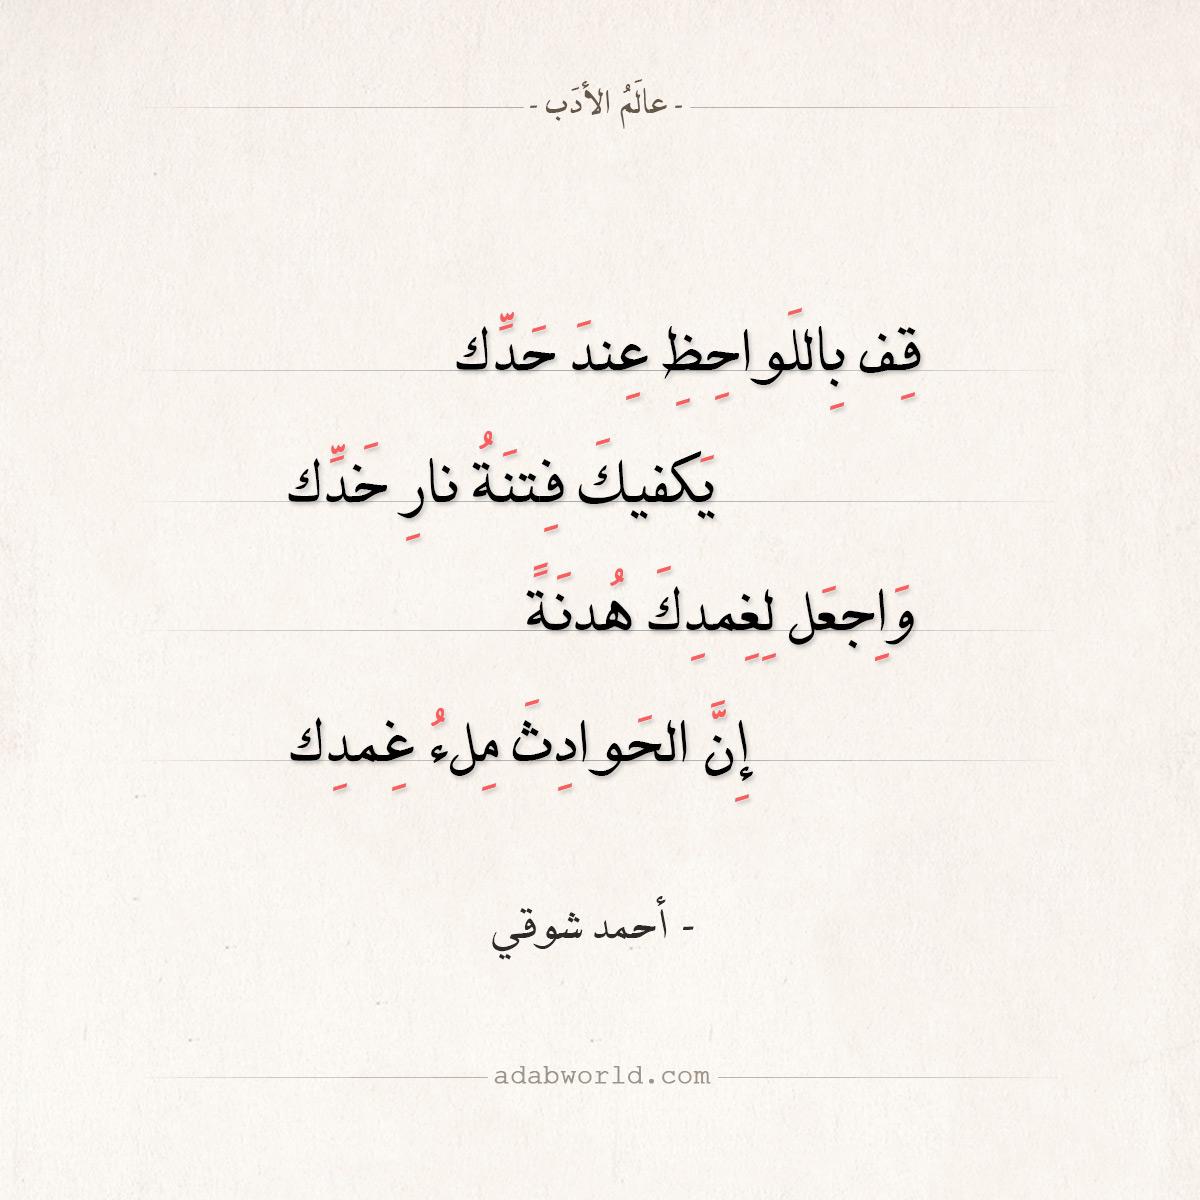 شعر أحمد شوقي - قف باللواحظ عند حدك